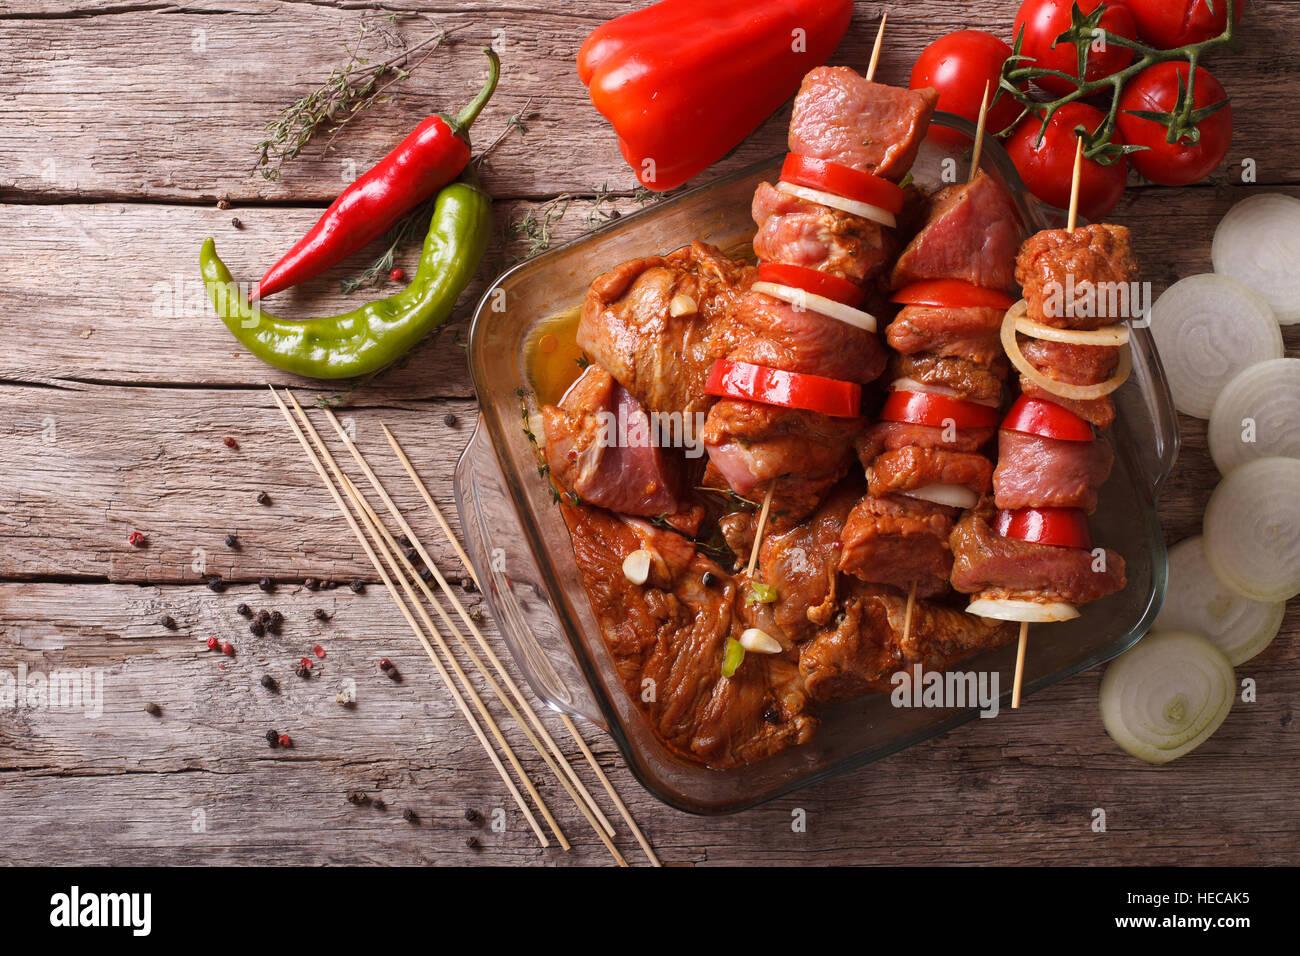 Preparar la comida para cocinar en la barbacoa pinchos. horizontal vista desde arriba, rústica Imagen De Stock